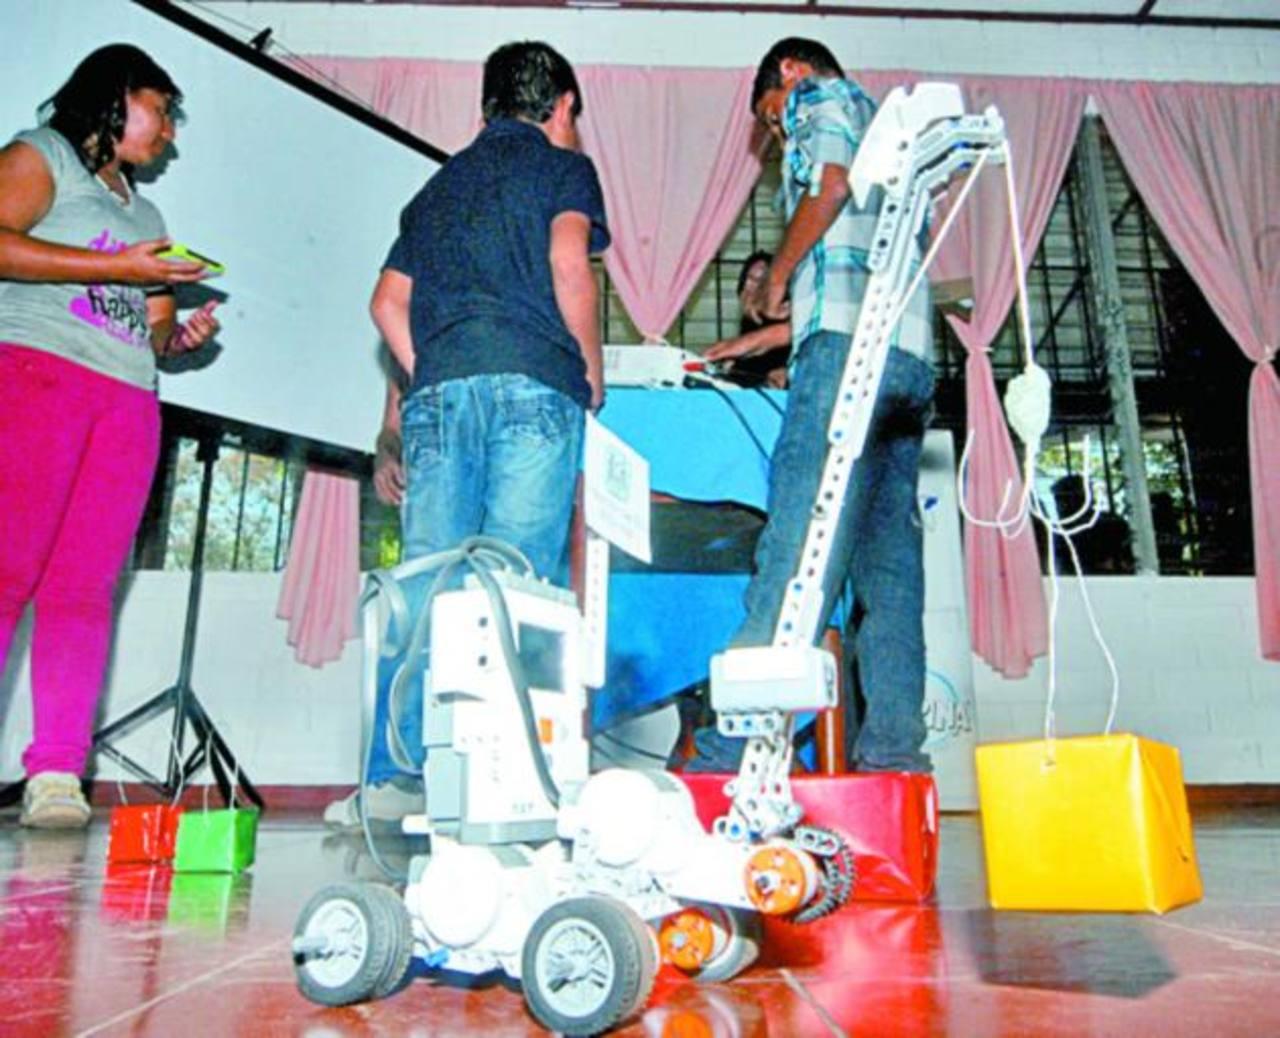 Los proyectos fueron presentados en las instalaciones ubicadas en Sonsonate. Foto EDH / CRISTIAN DÍAZ